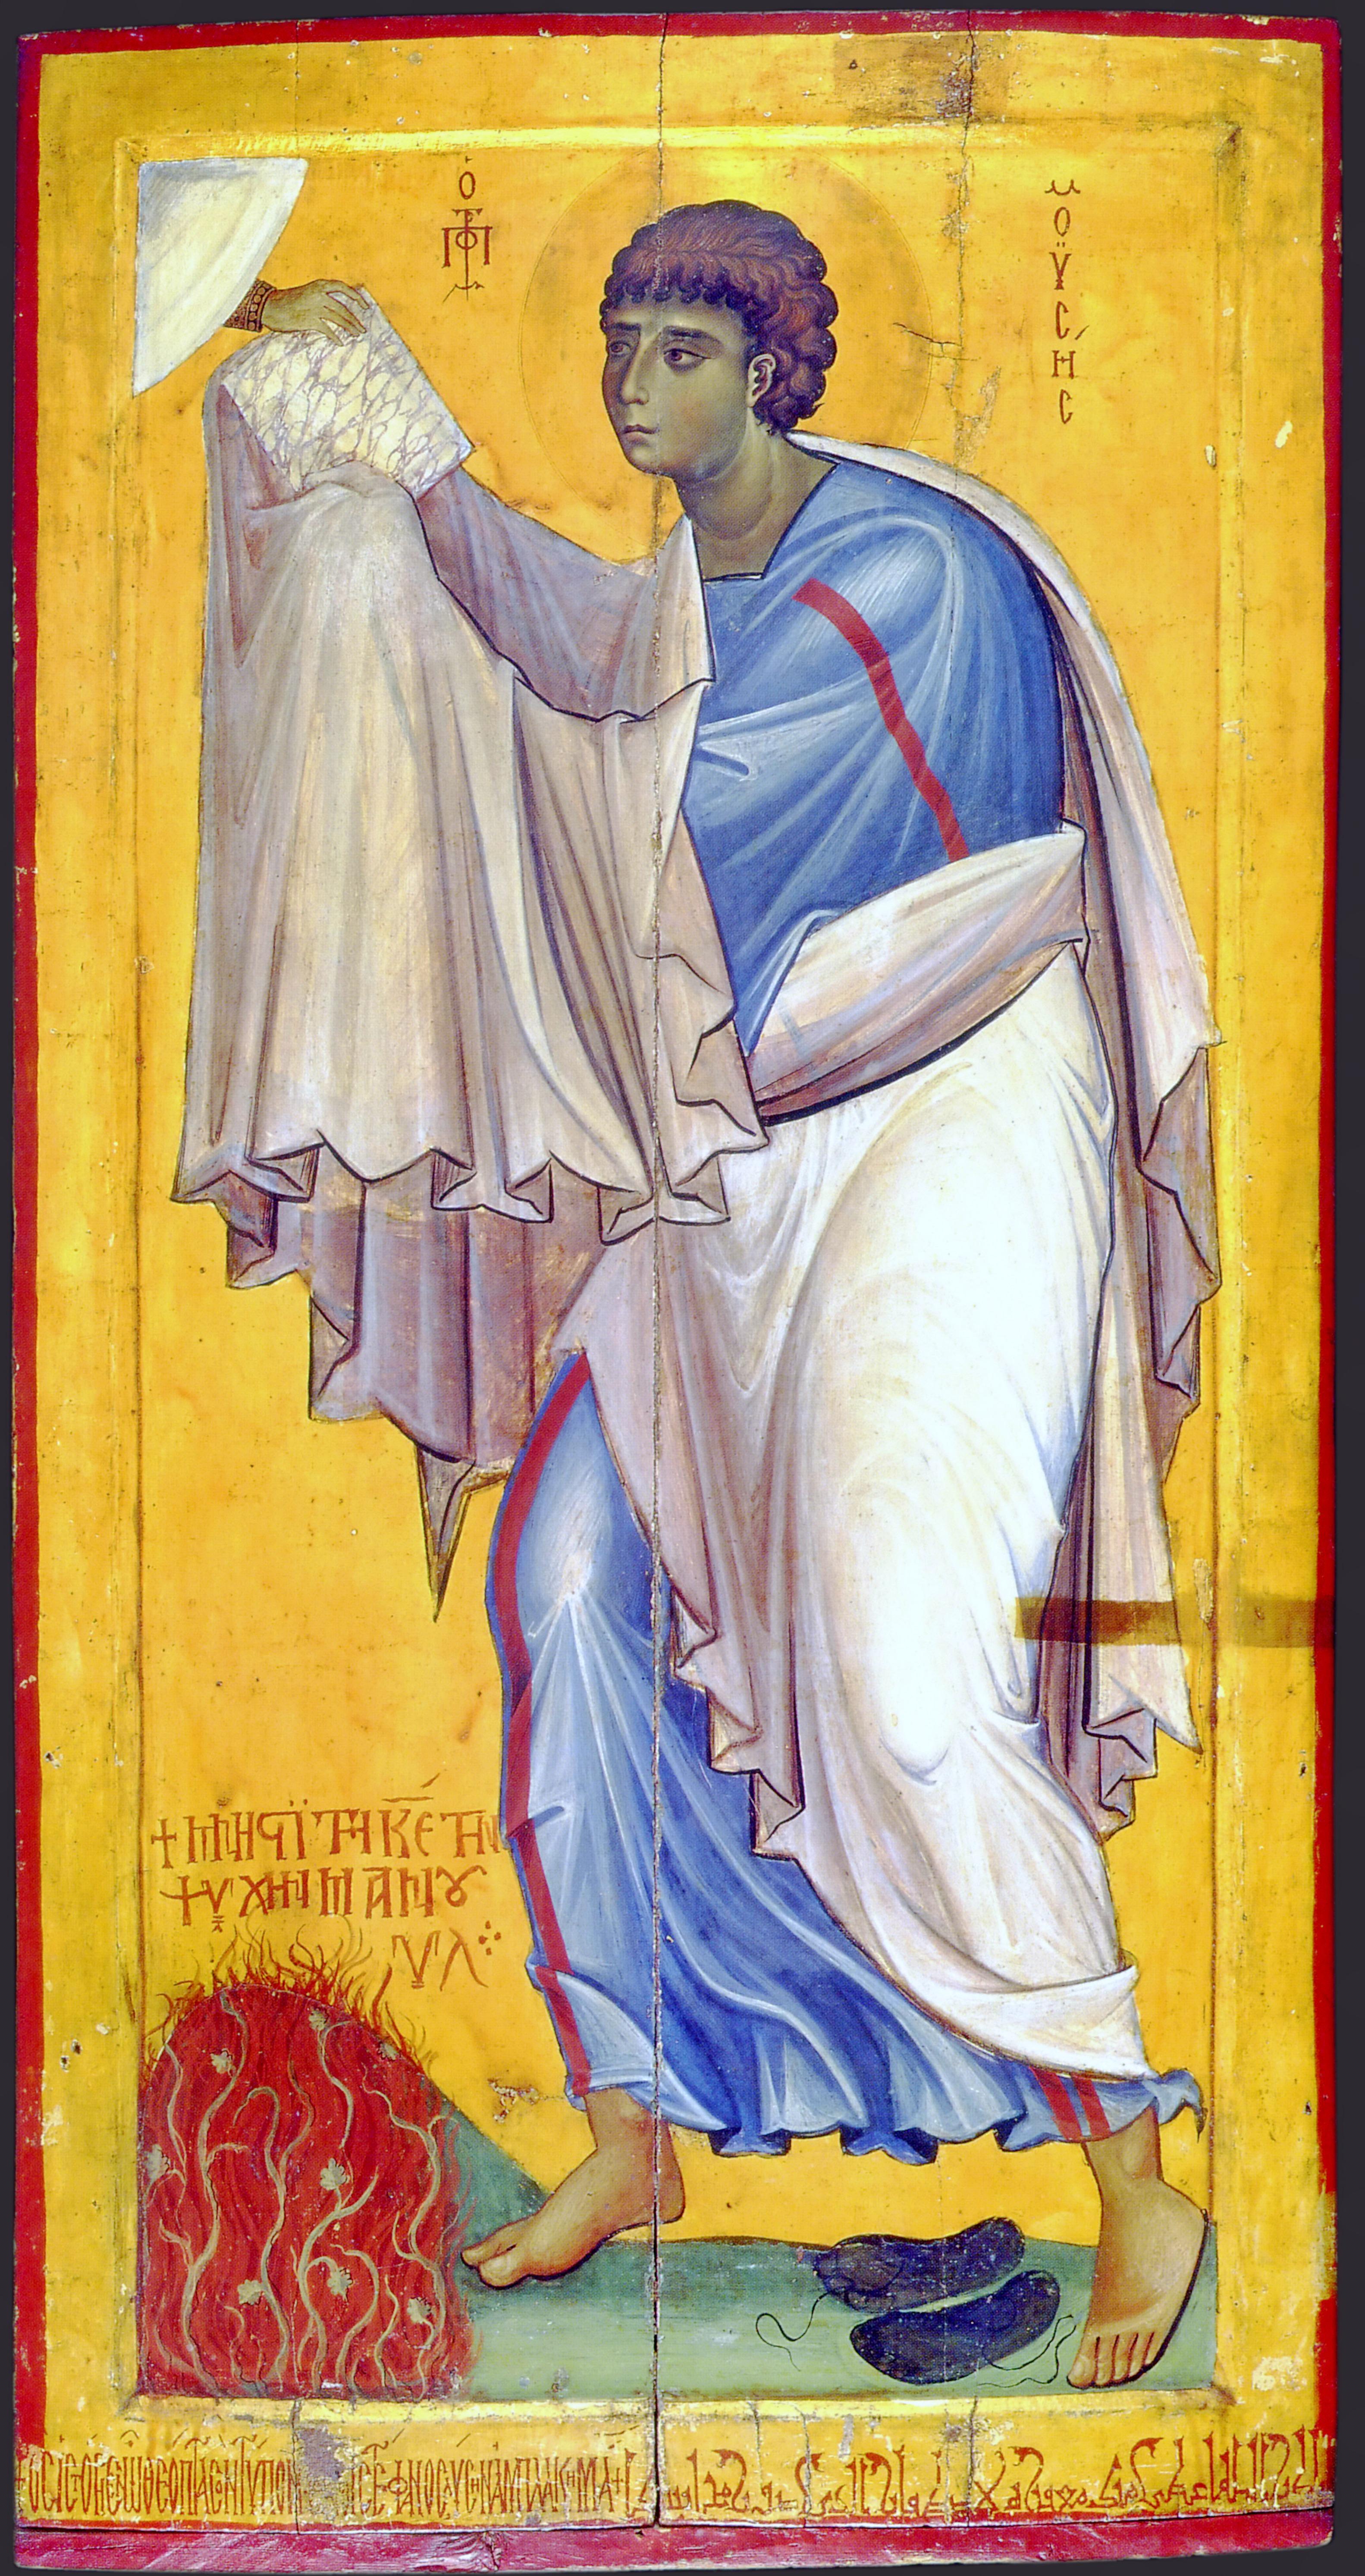 Святой Пророк Моисей. Икона. Вторая половина XI века. Монастырь Св. Екатерины на Синае.